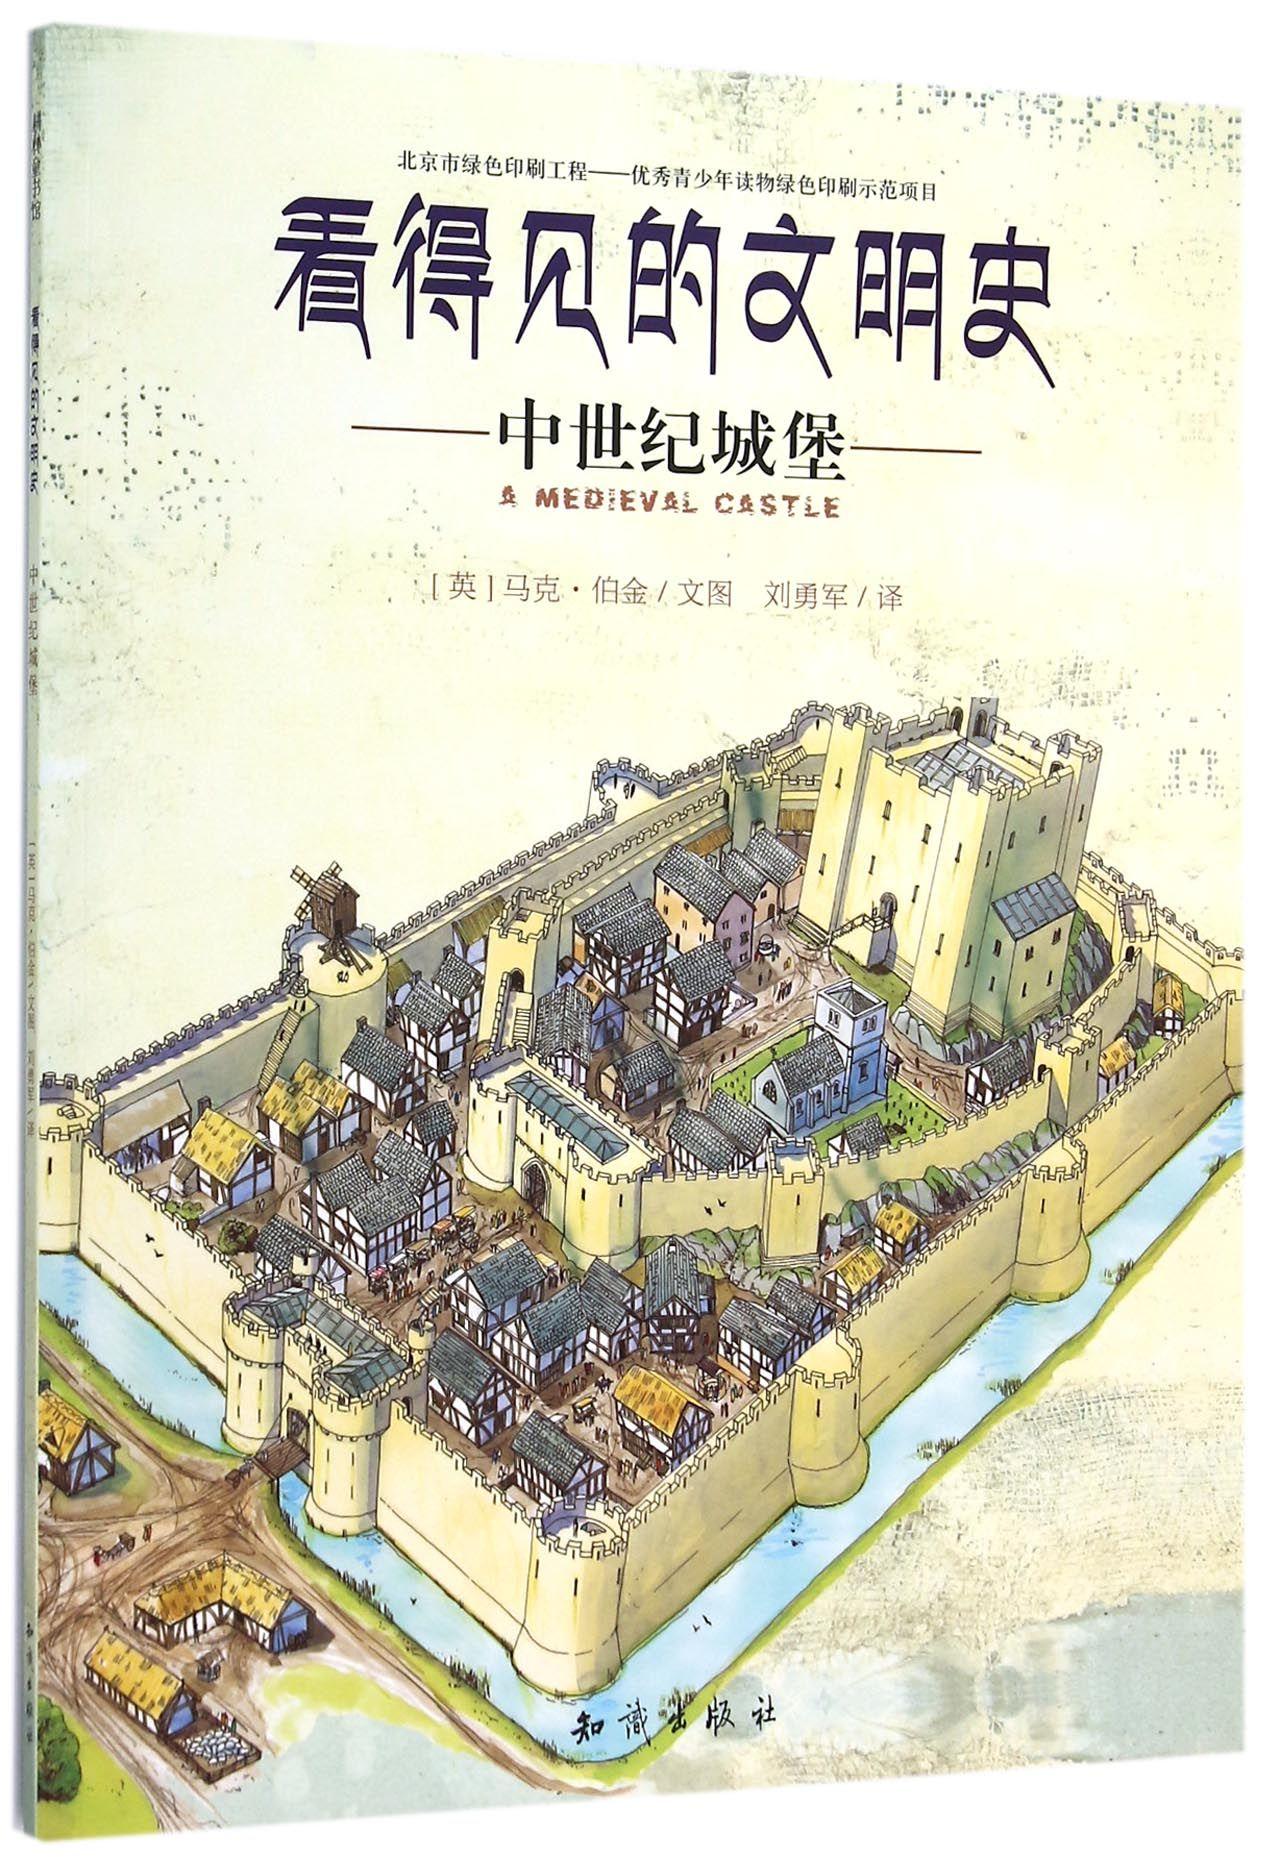 看得見的文明史~~中世紀城堡